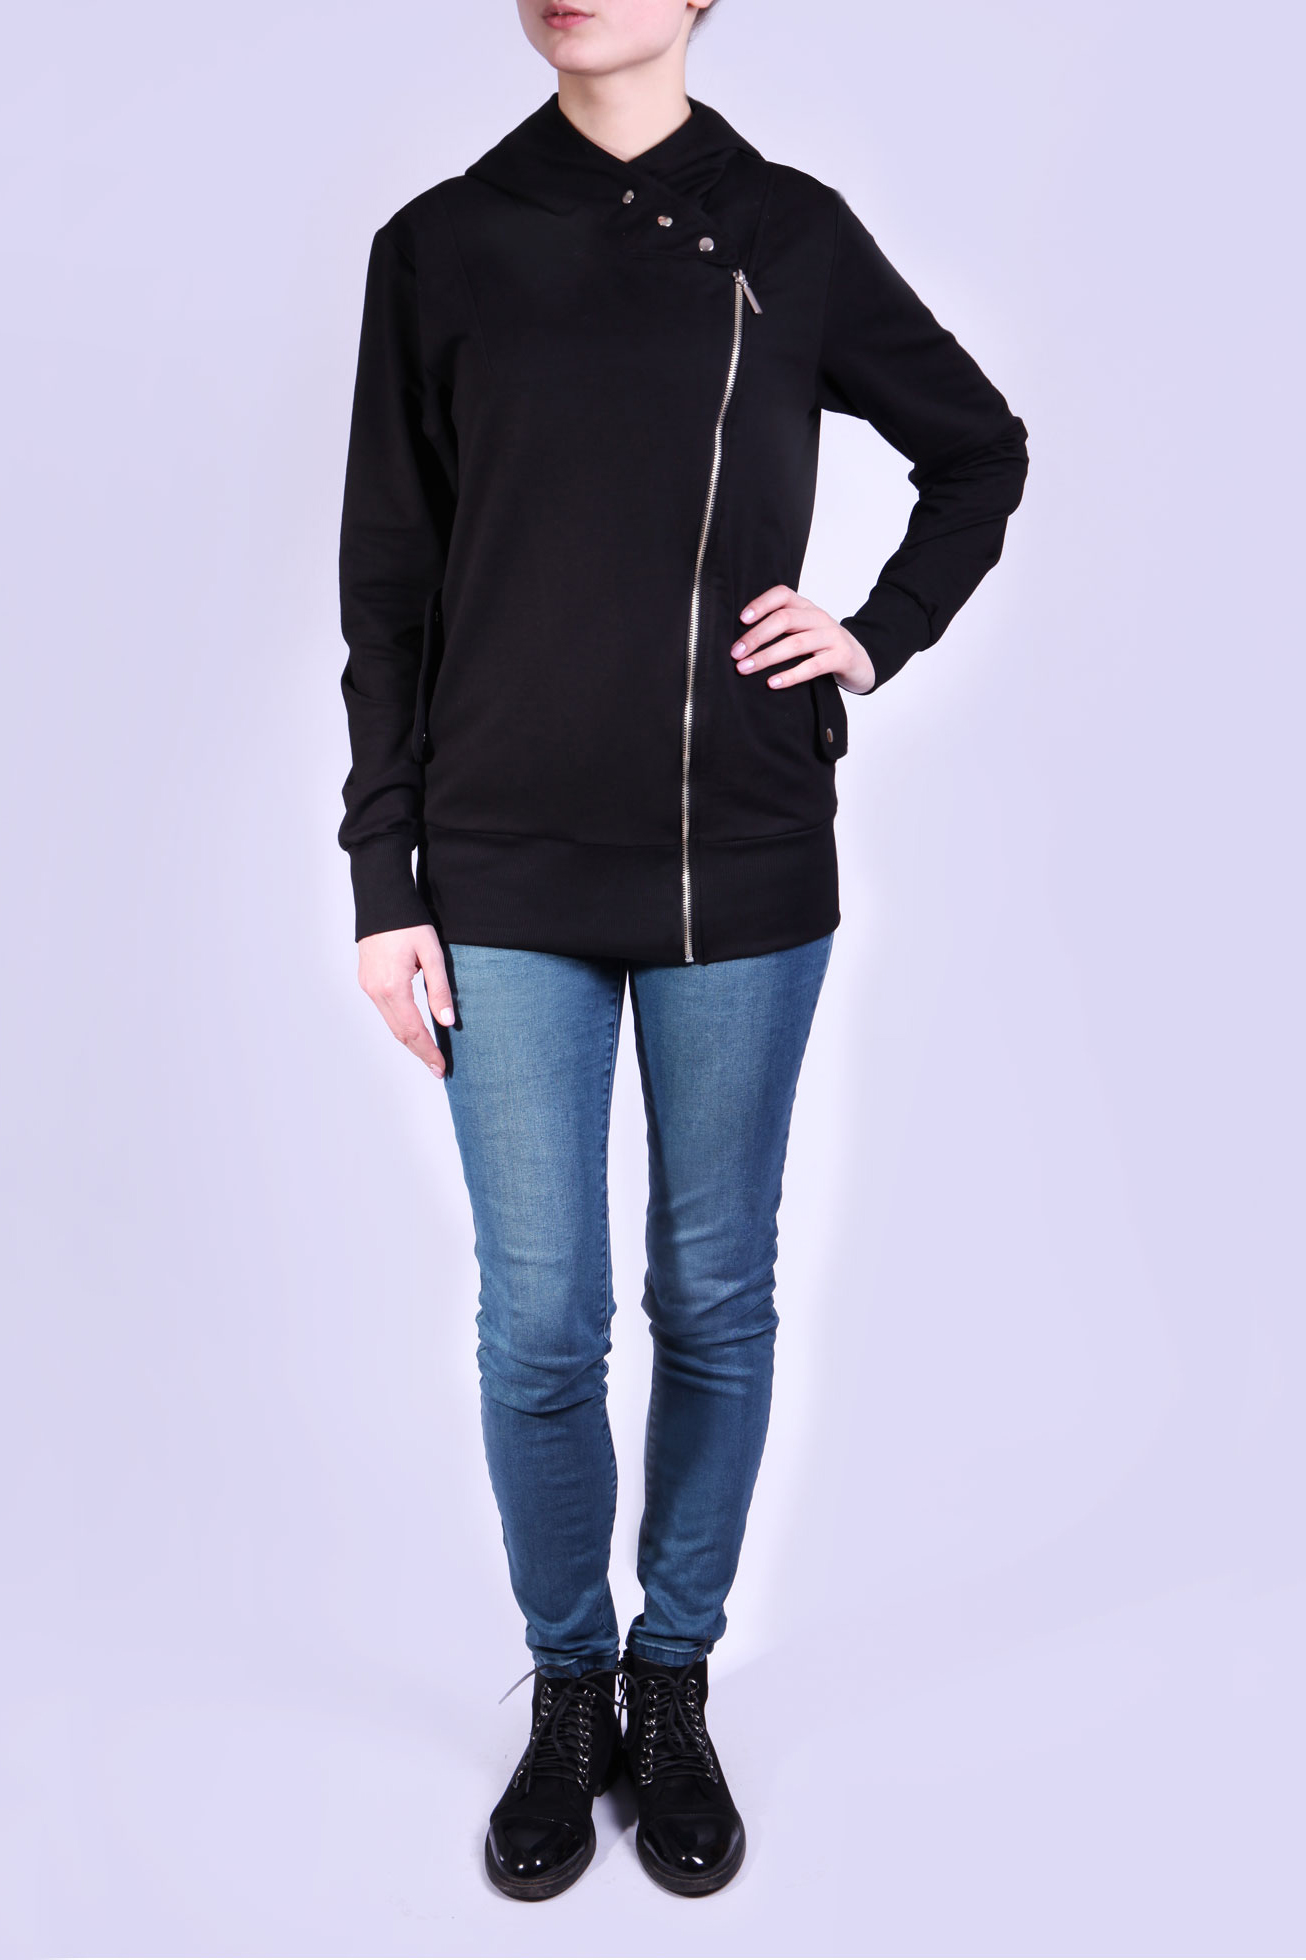 Толстовка блузка женская oodji цвет коричневый черный 21404016 17145 3729a размер 42 48 164